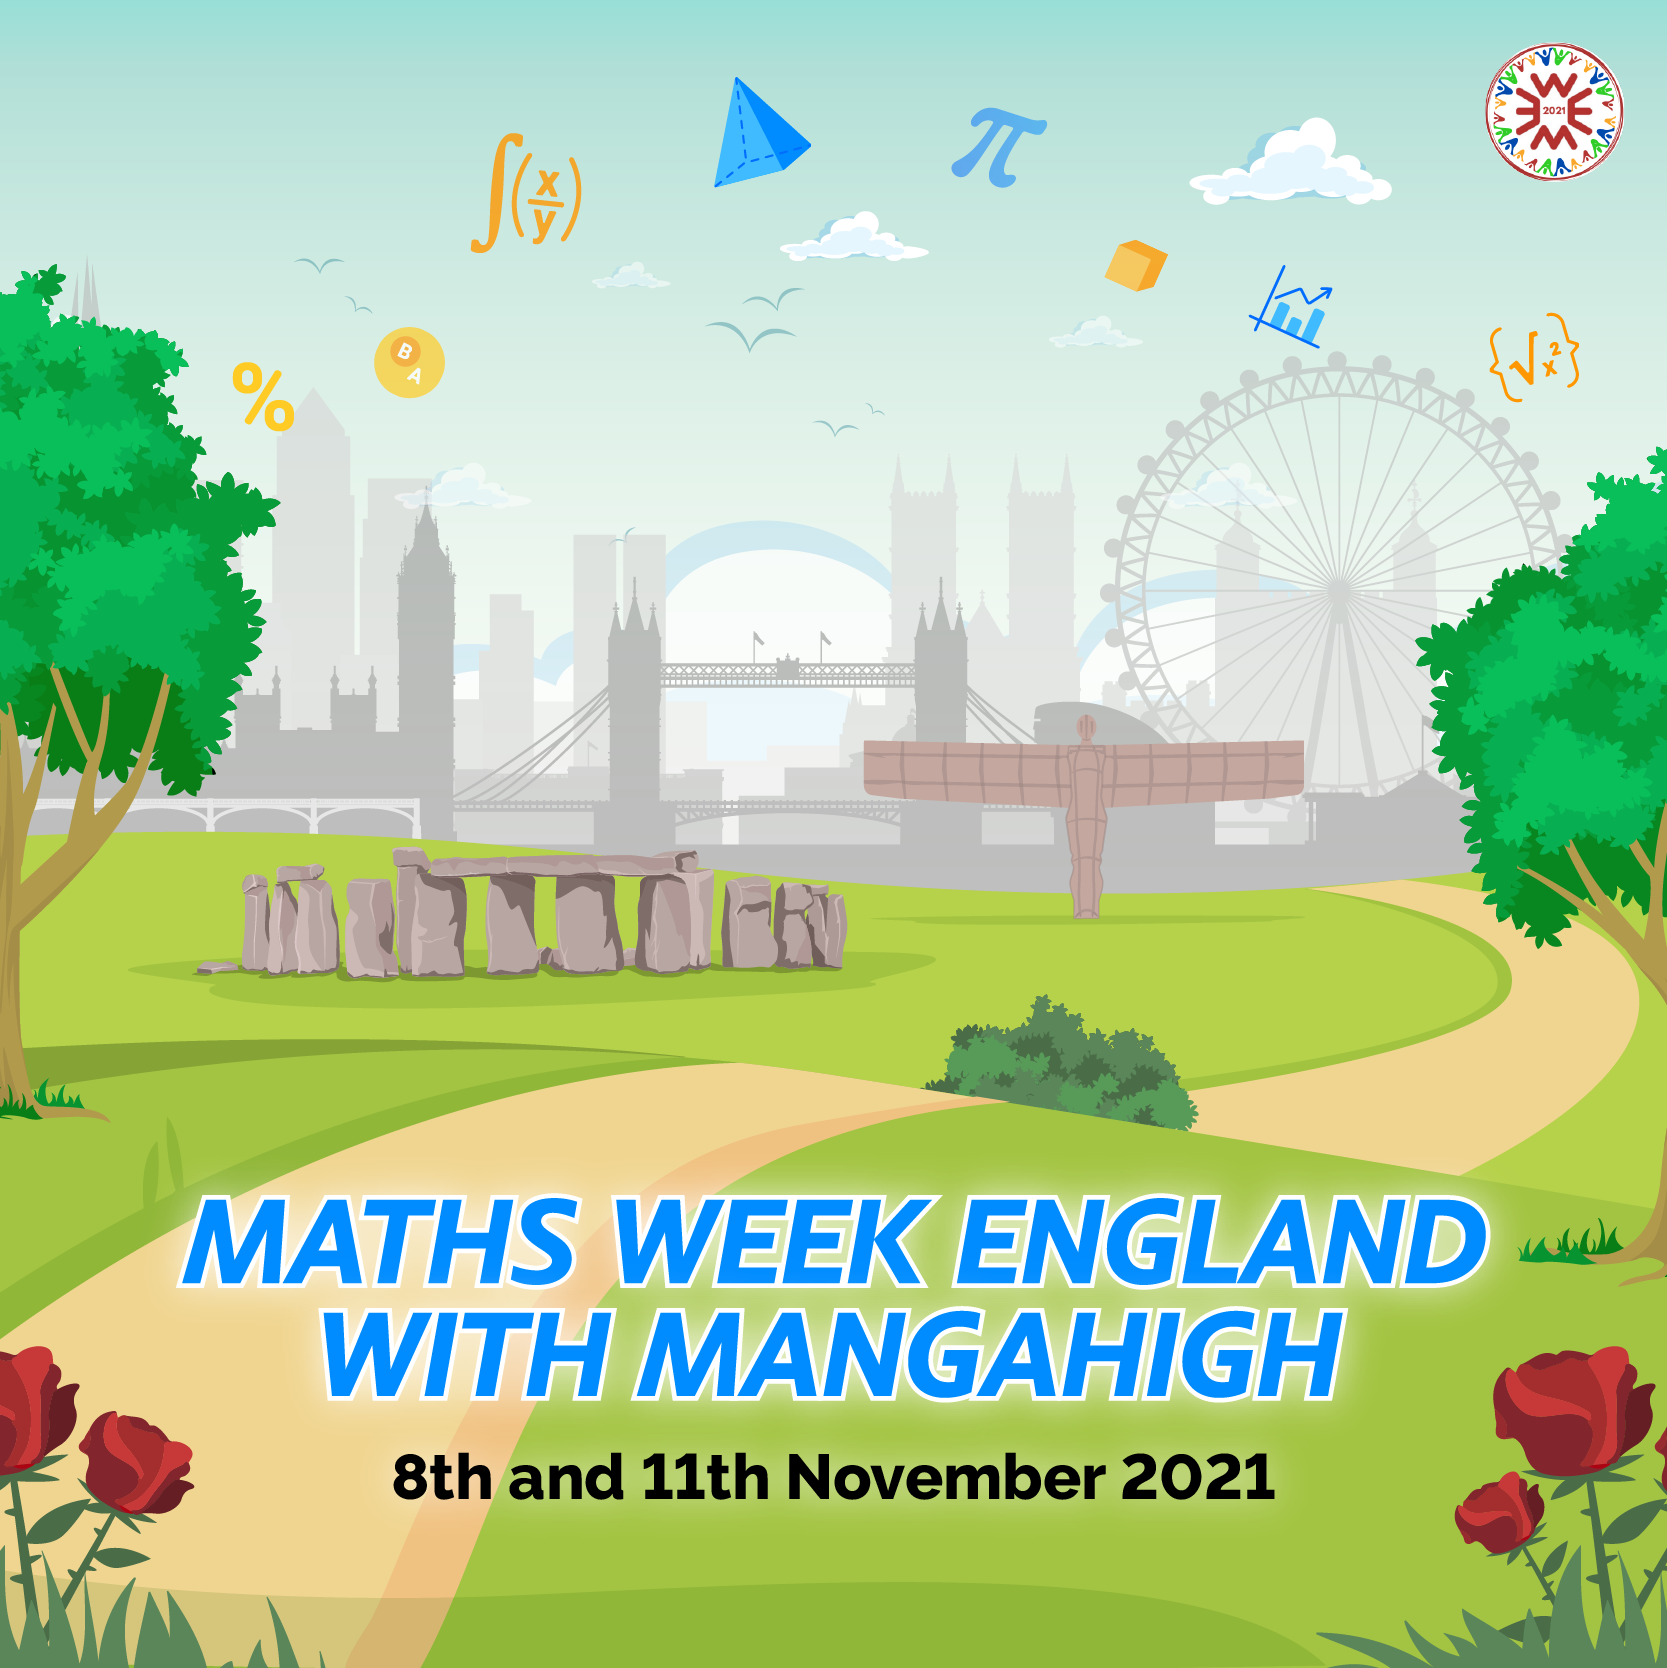 Maths Week England 2021